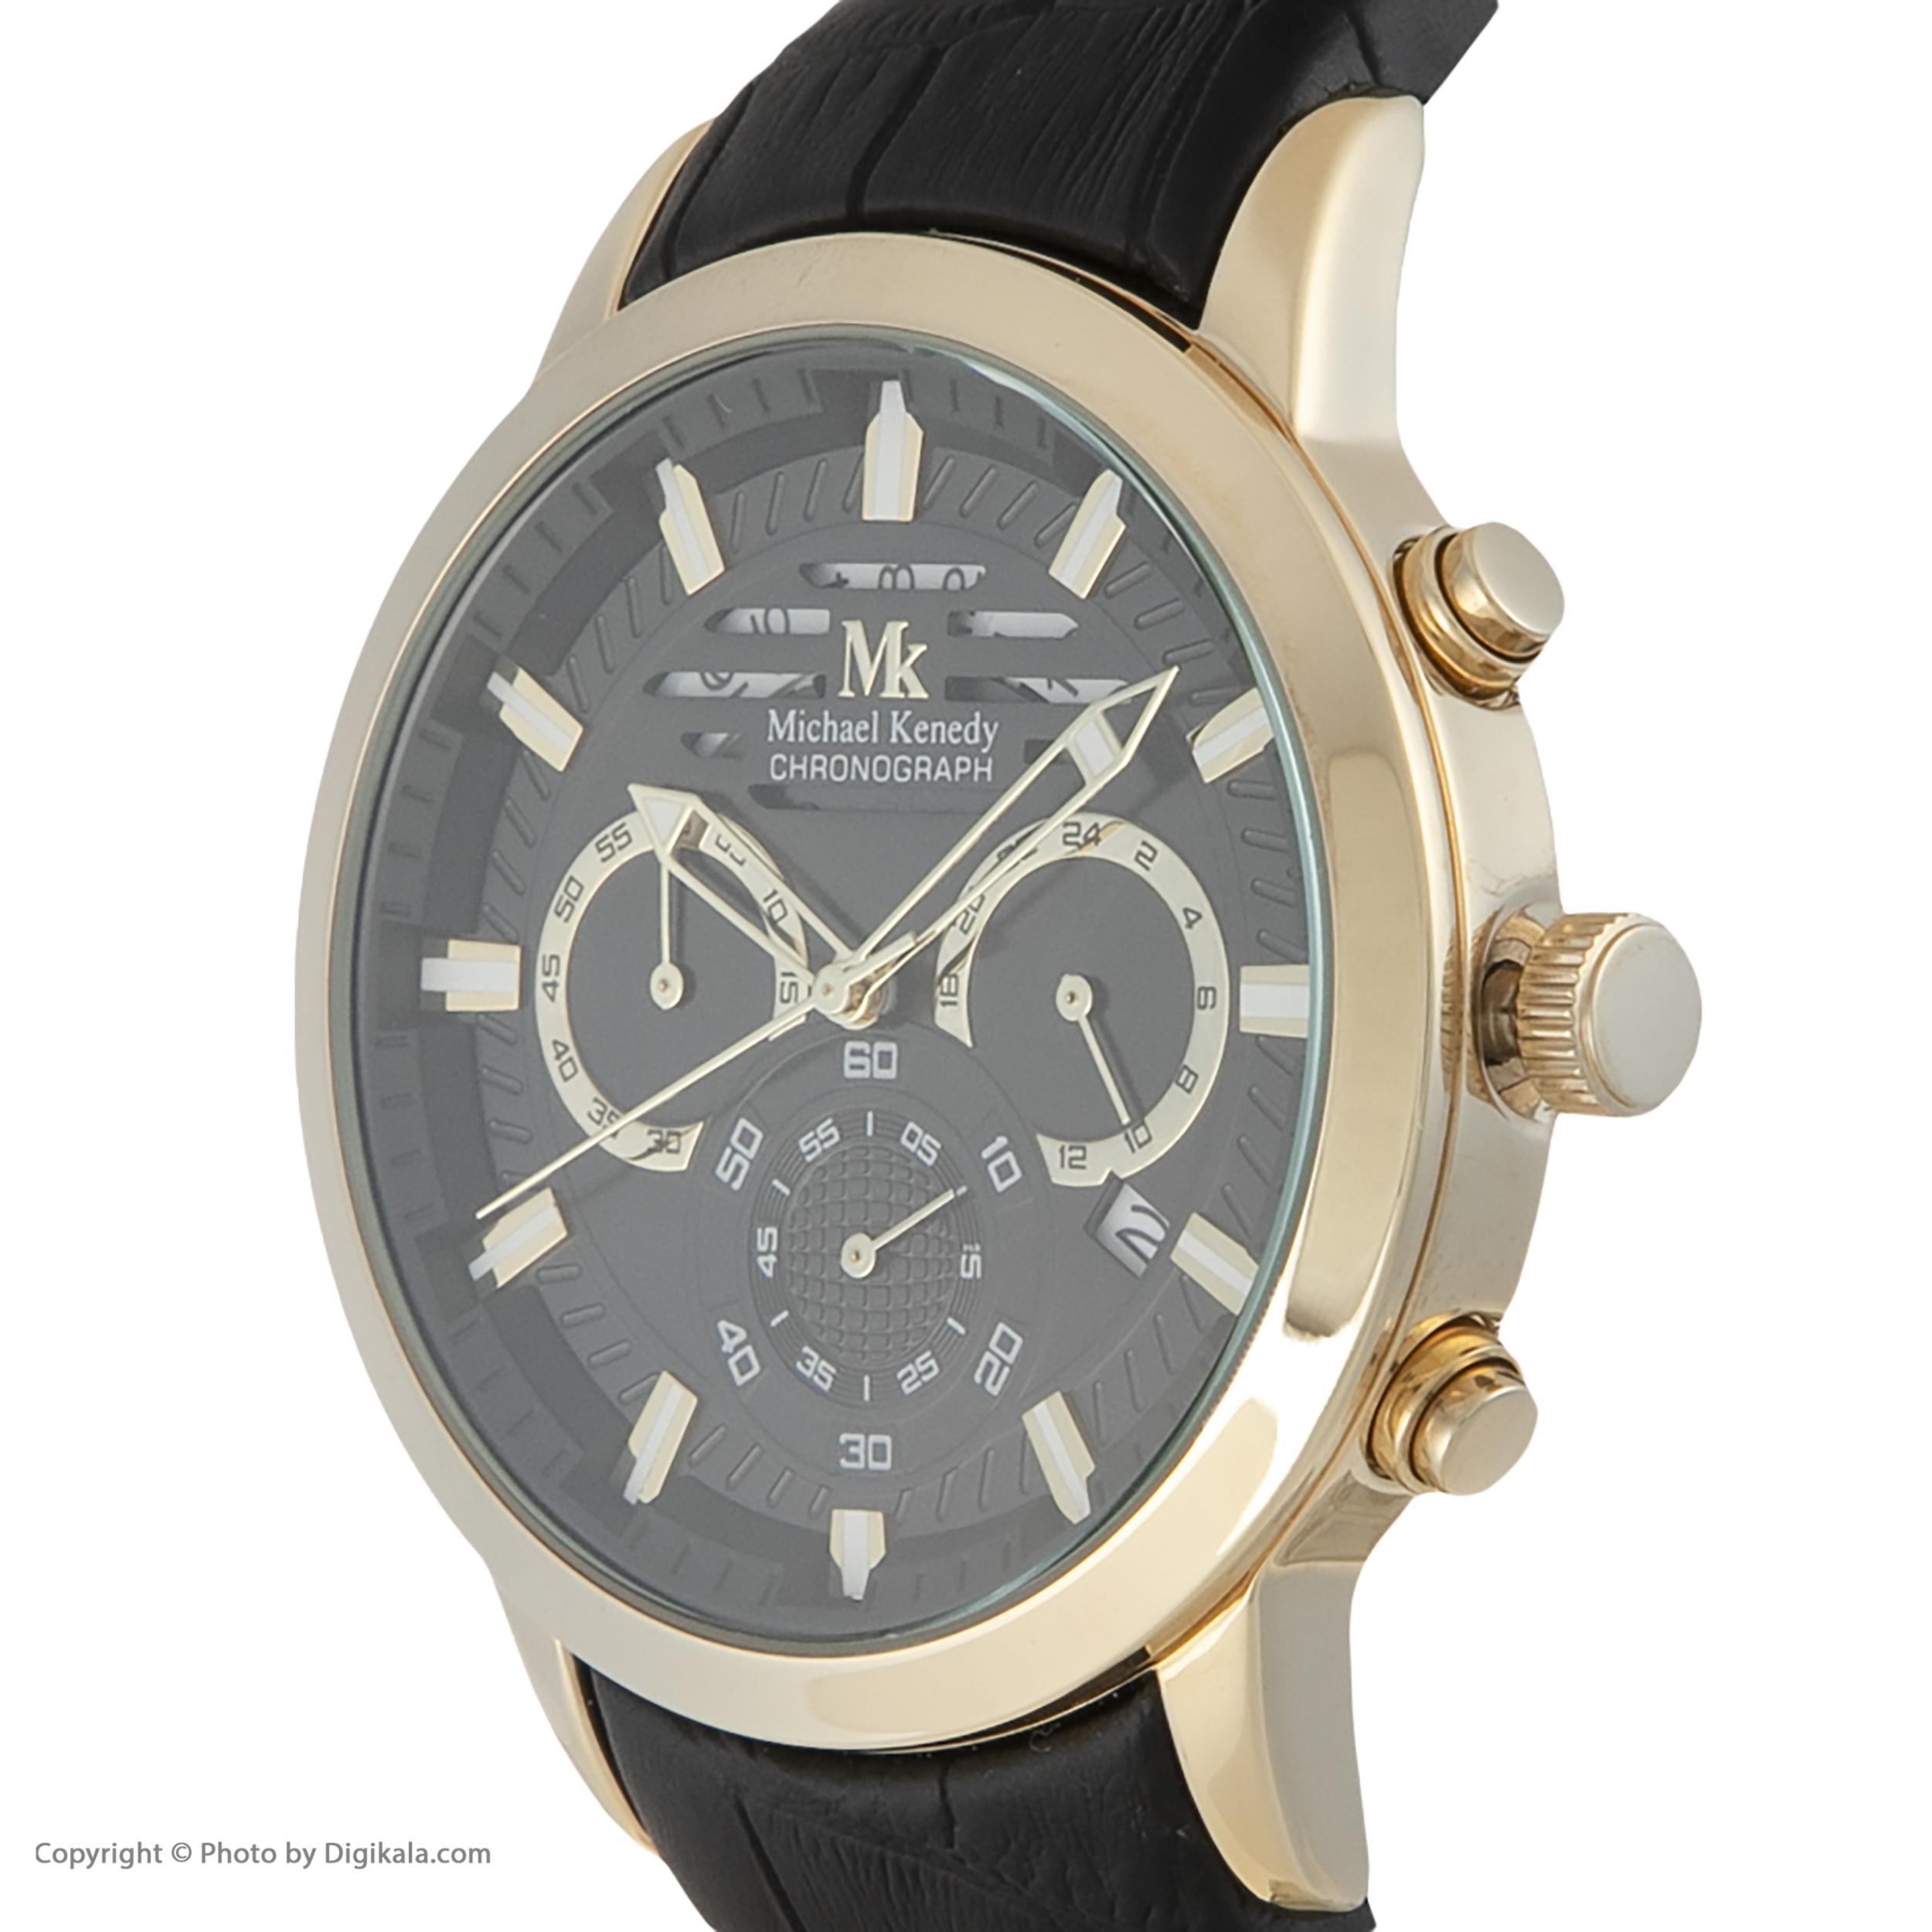 ساعت مچی عقربه ای مایکل کندی مدل MK 0571